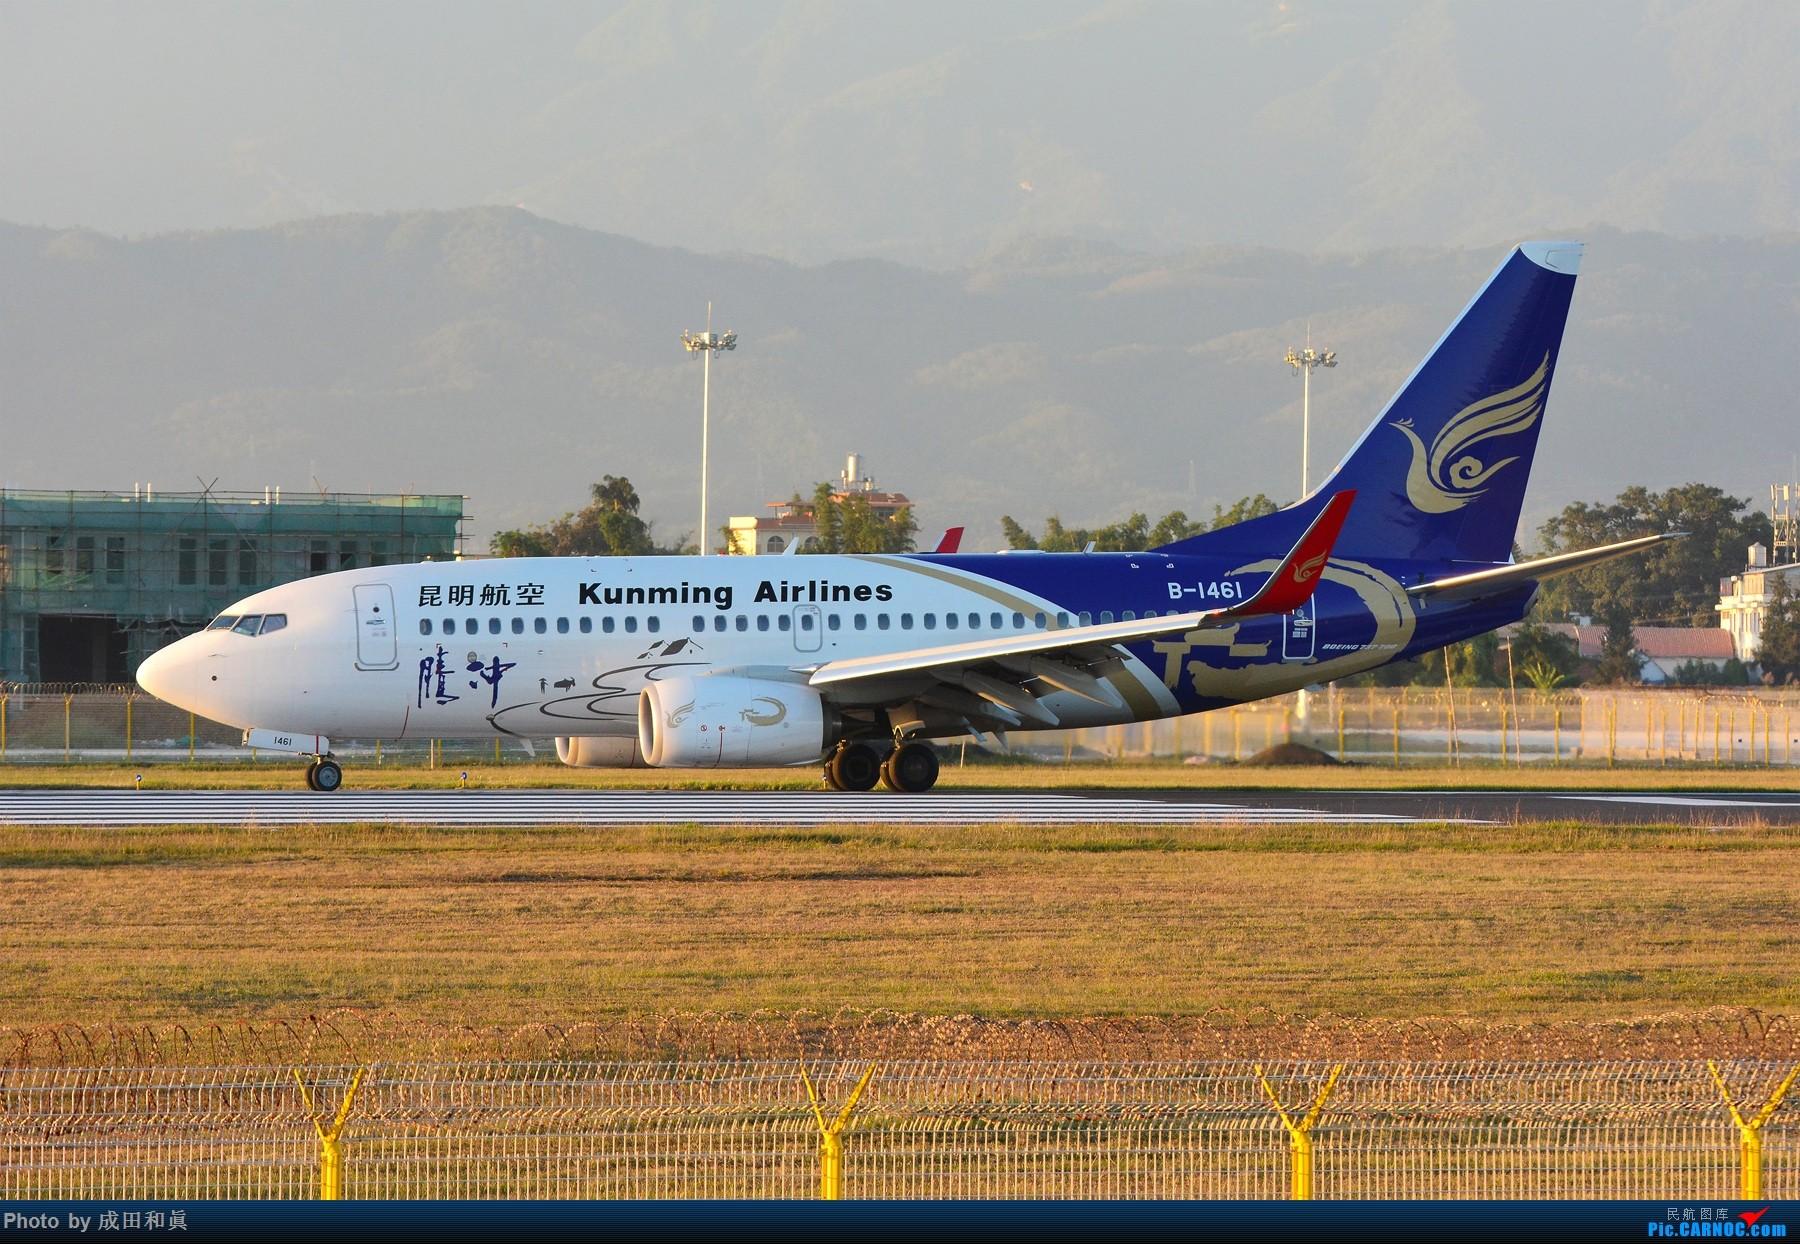 """Re:[原创]论坛首发!昆明航空""""腾冲号""""彩绘B-1461 BOEING 737-700 B-1461 中国芒市机场"""